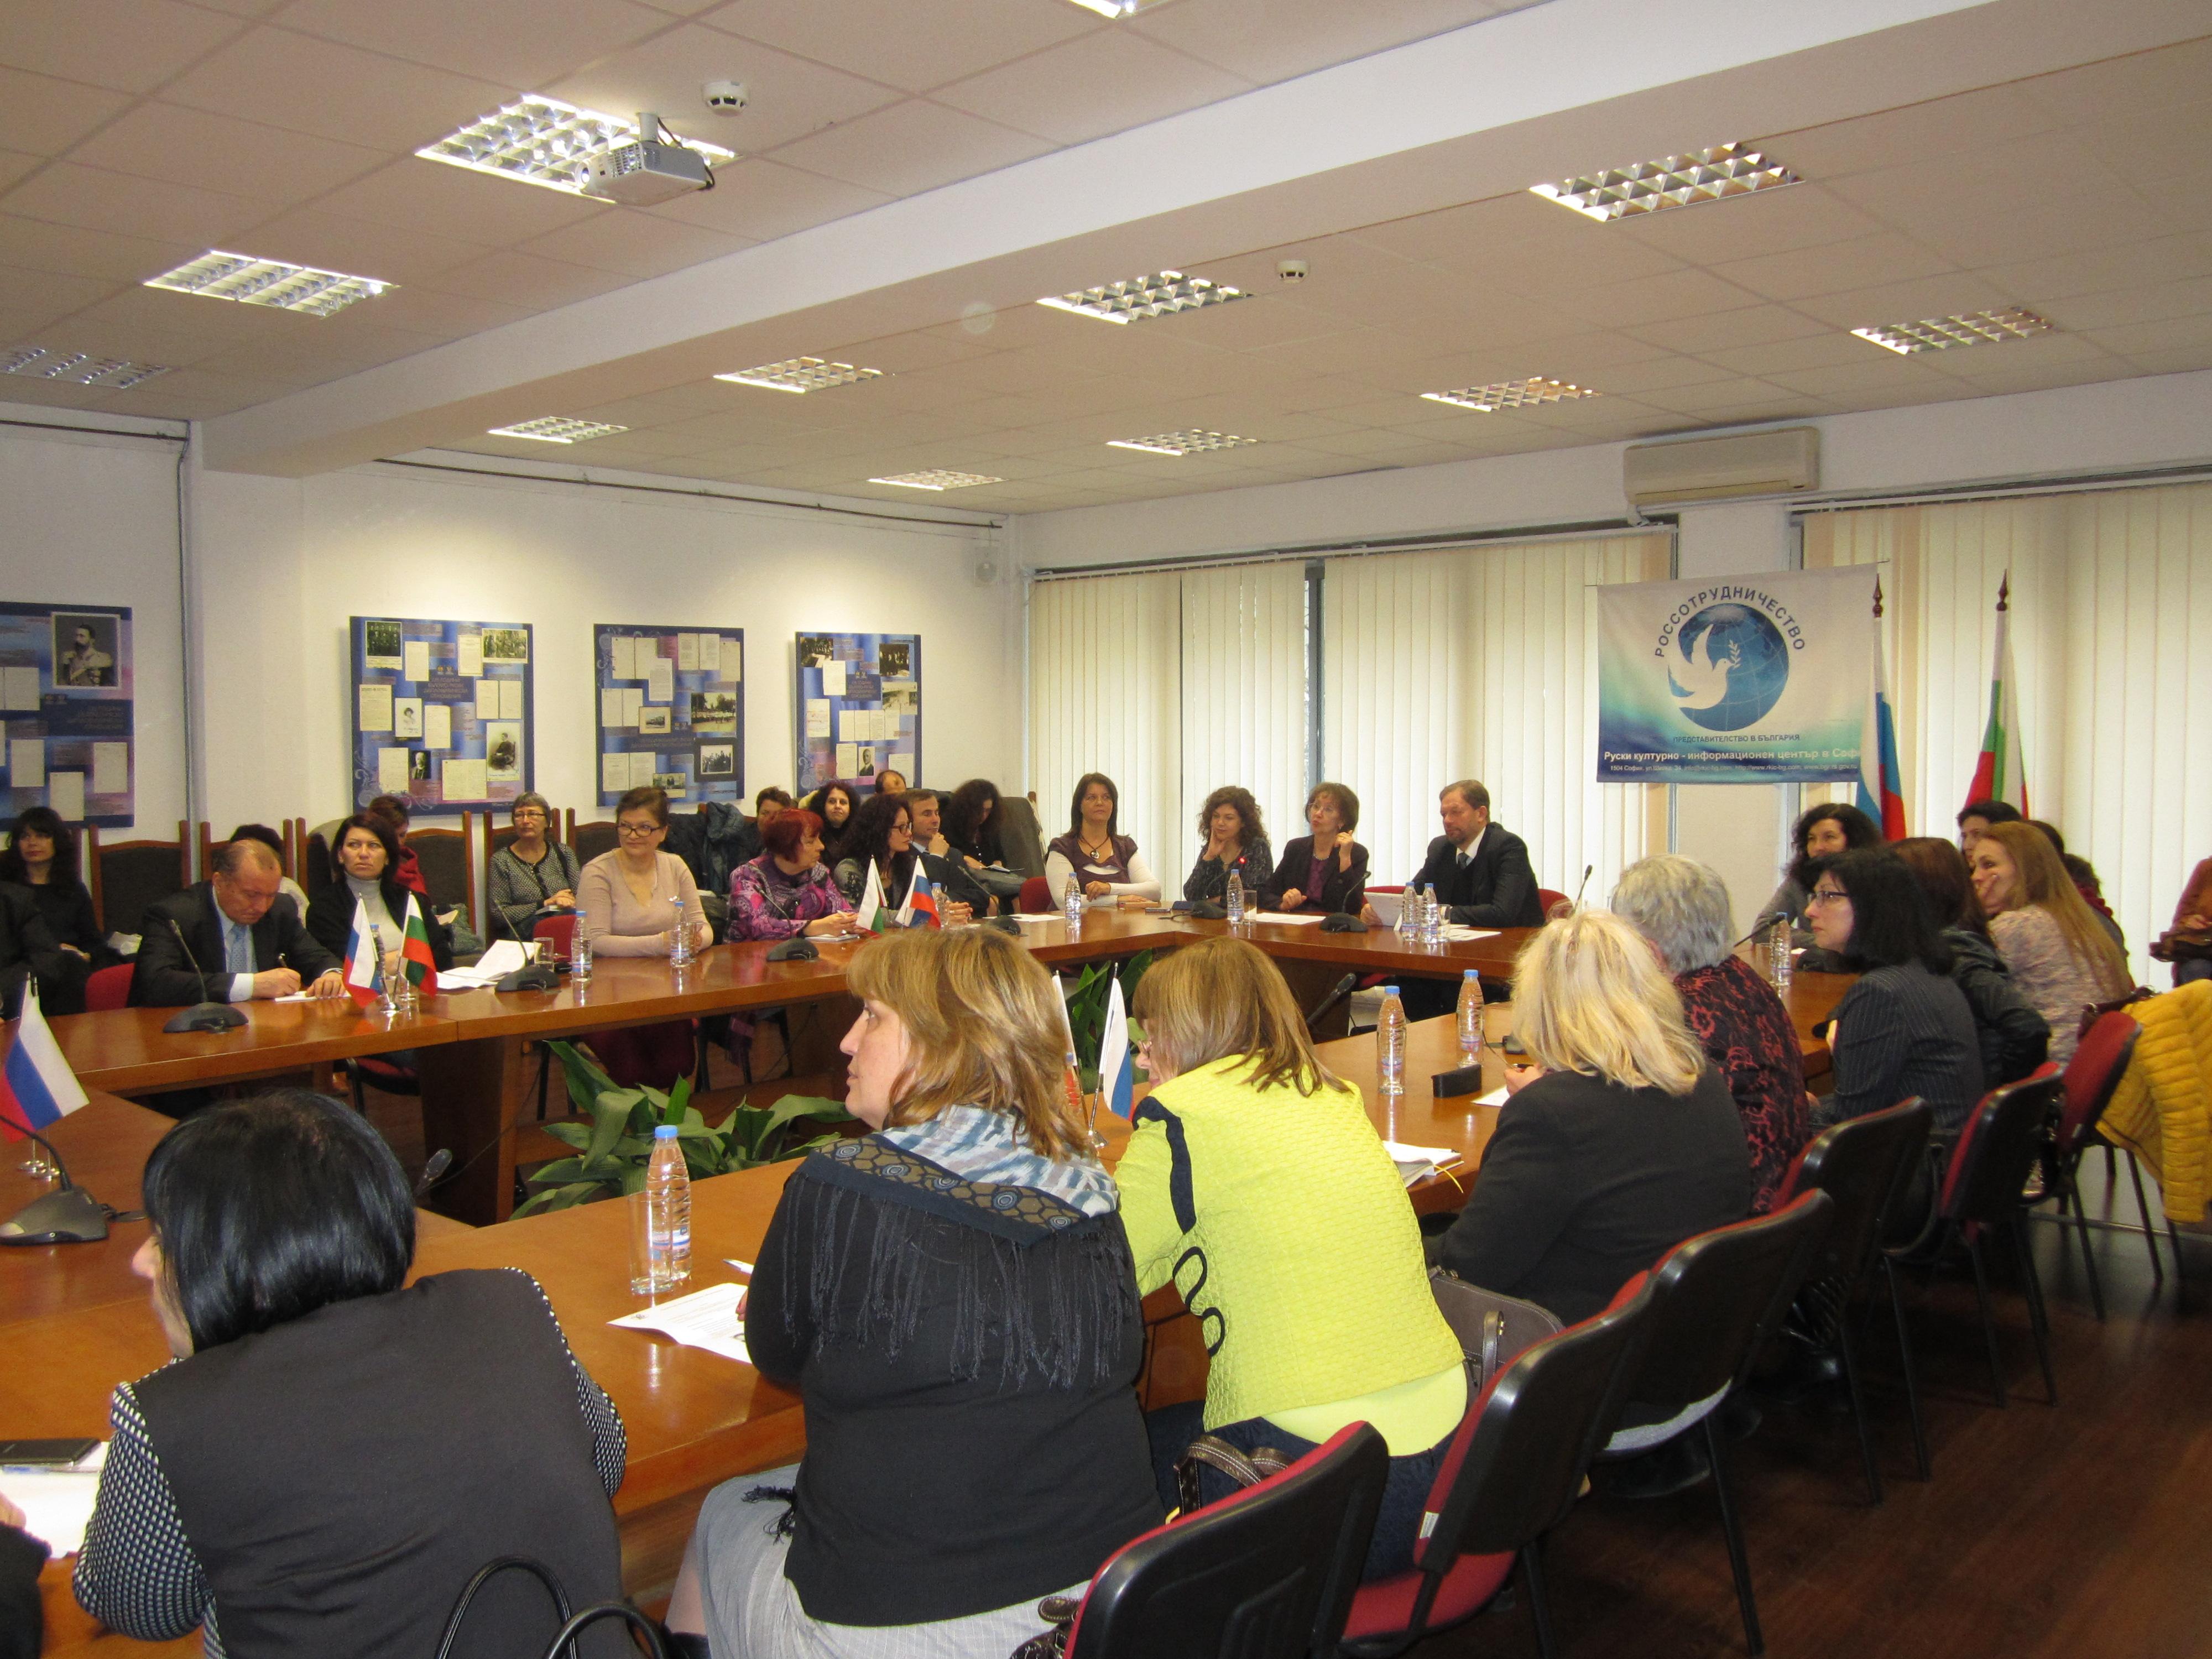 Момент от дискусията в РКИЦ, София.